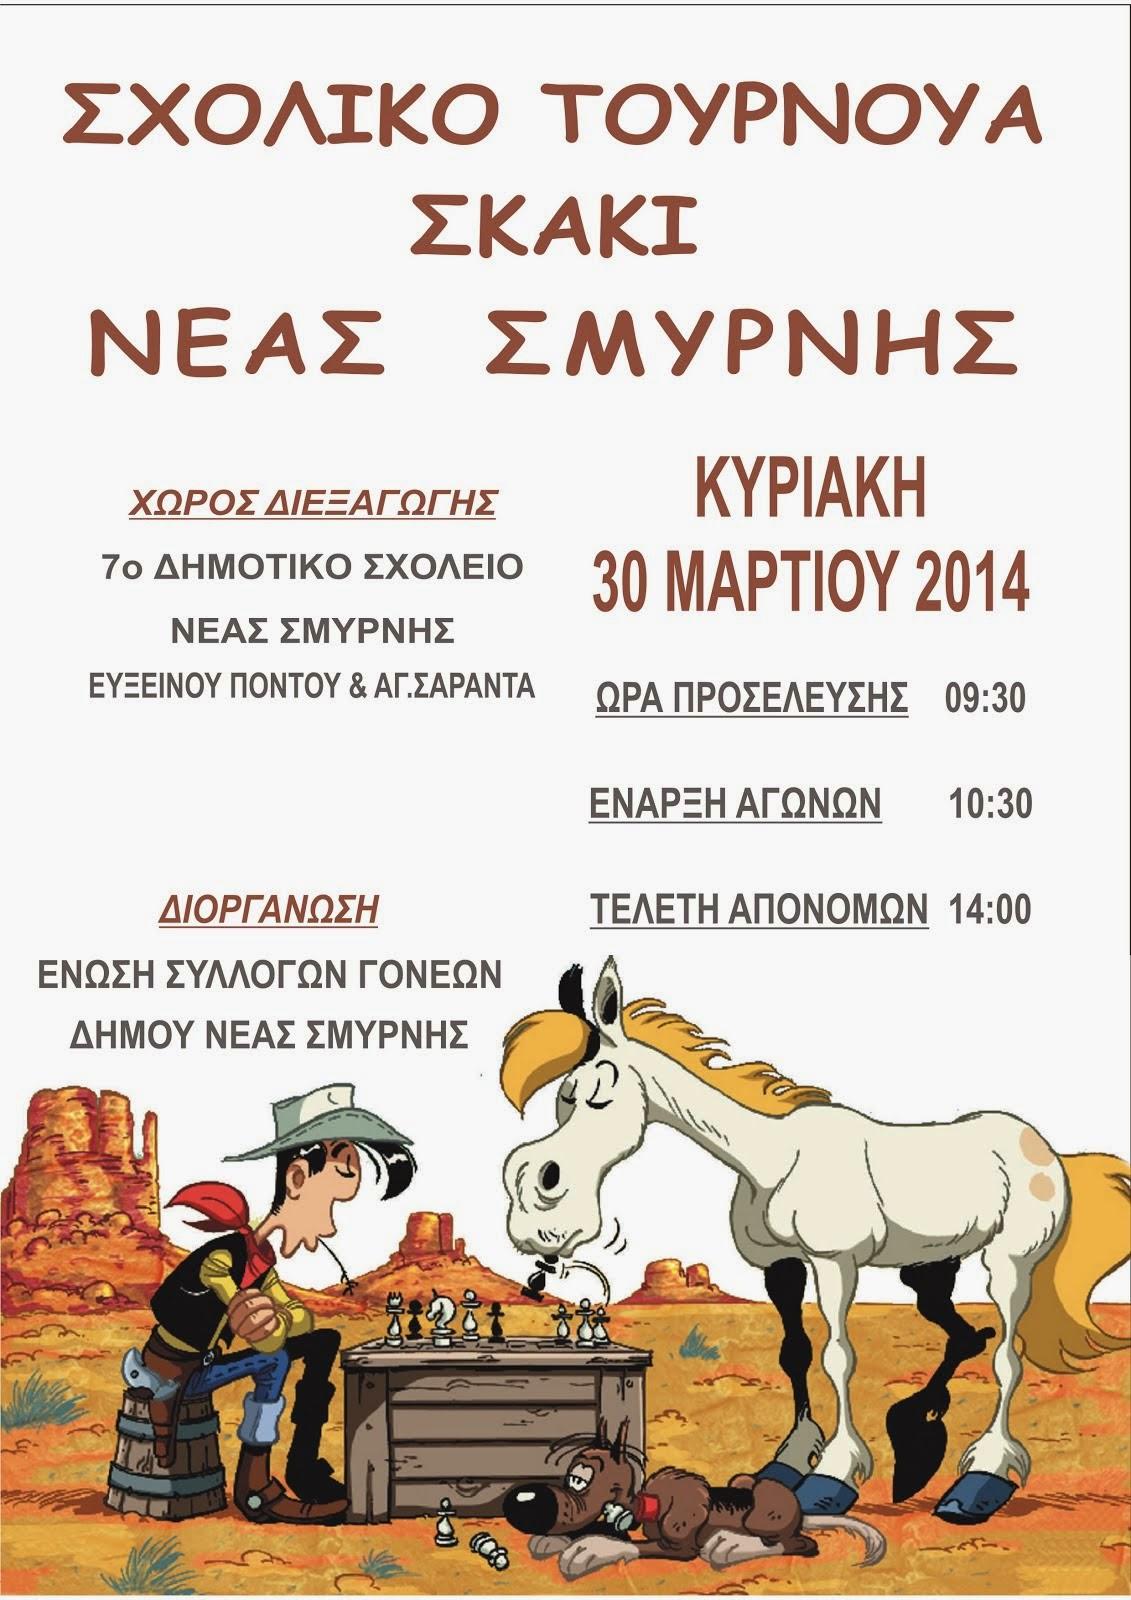 ΣΧΟΛΙΚΟ ΝΕΑΣ ΣΜΥΡΝΗΣ